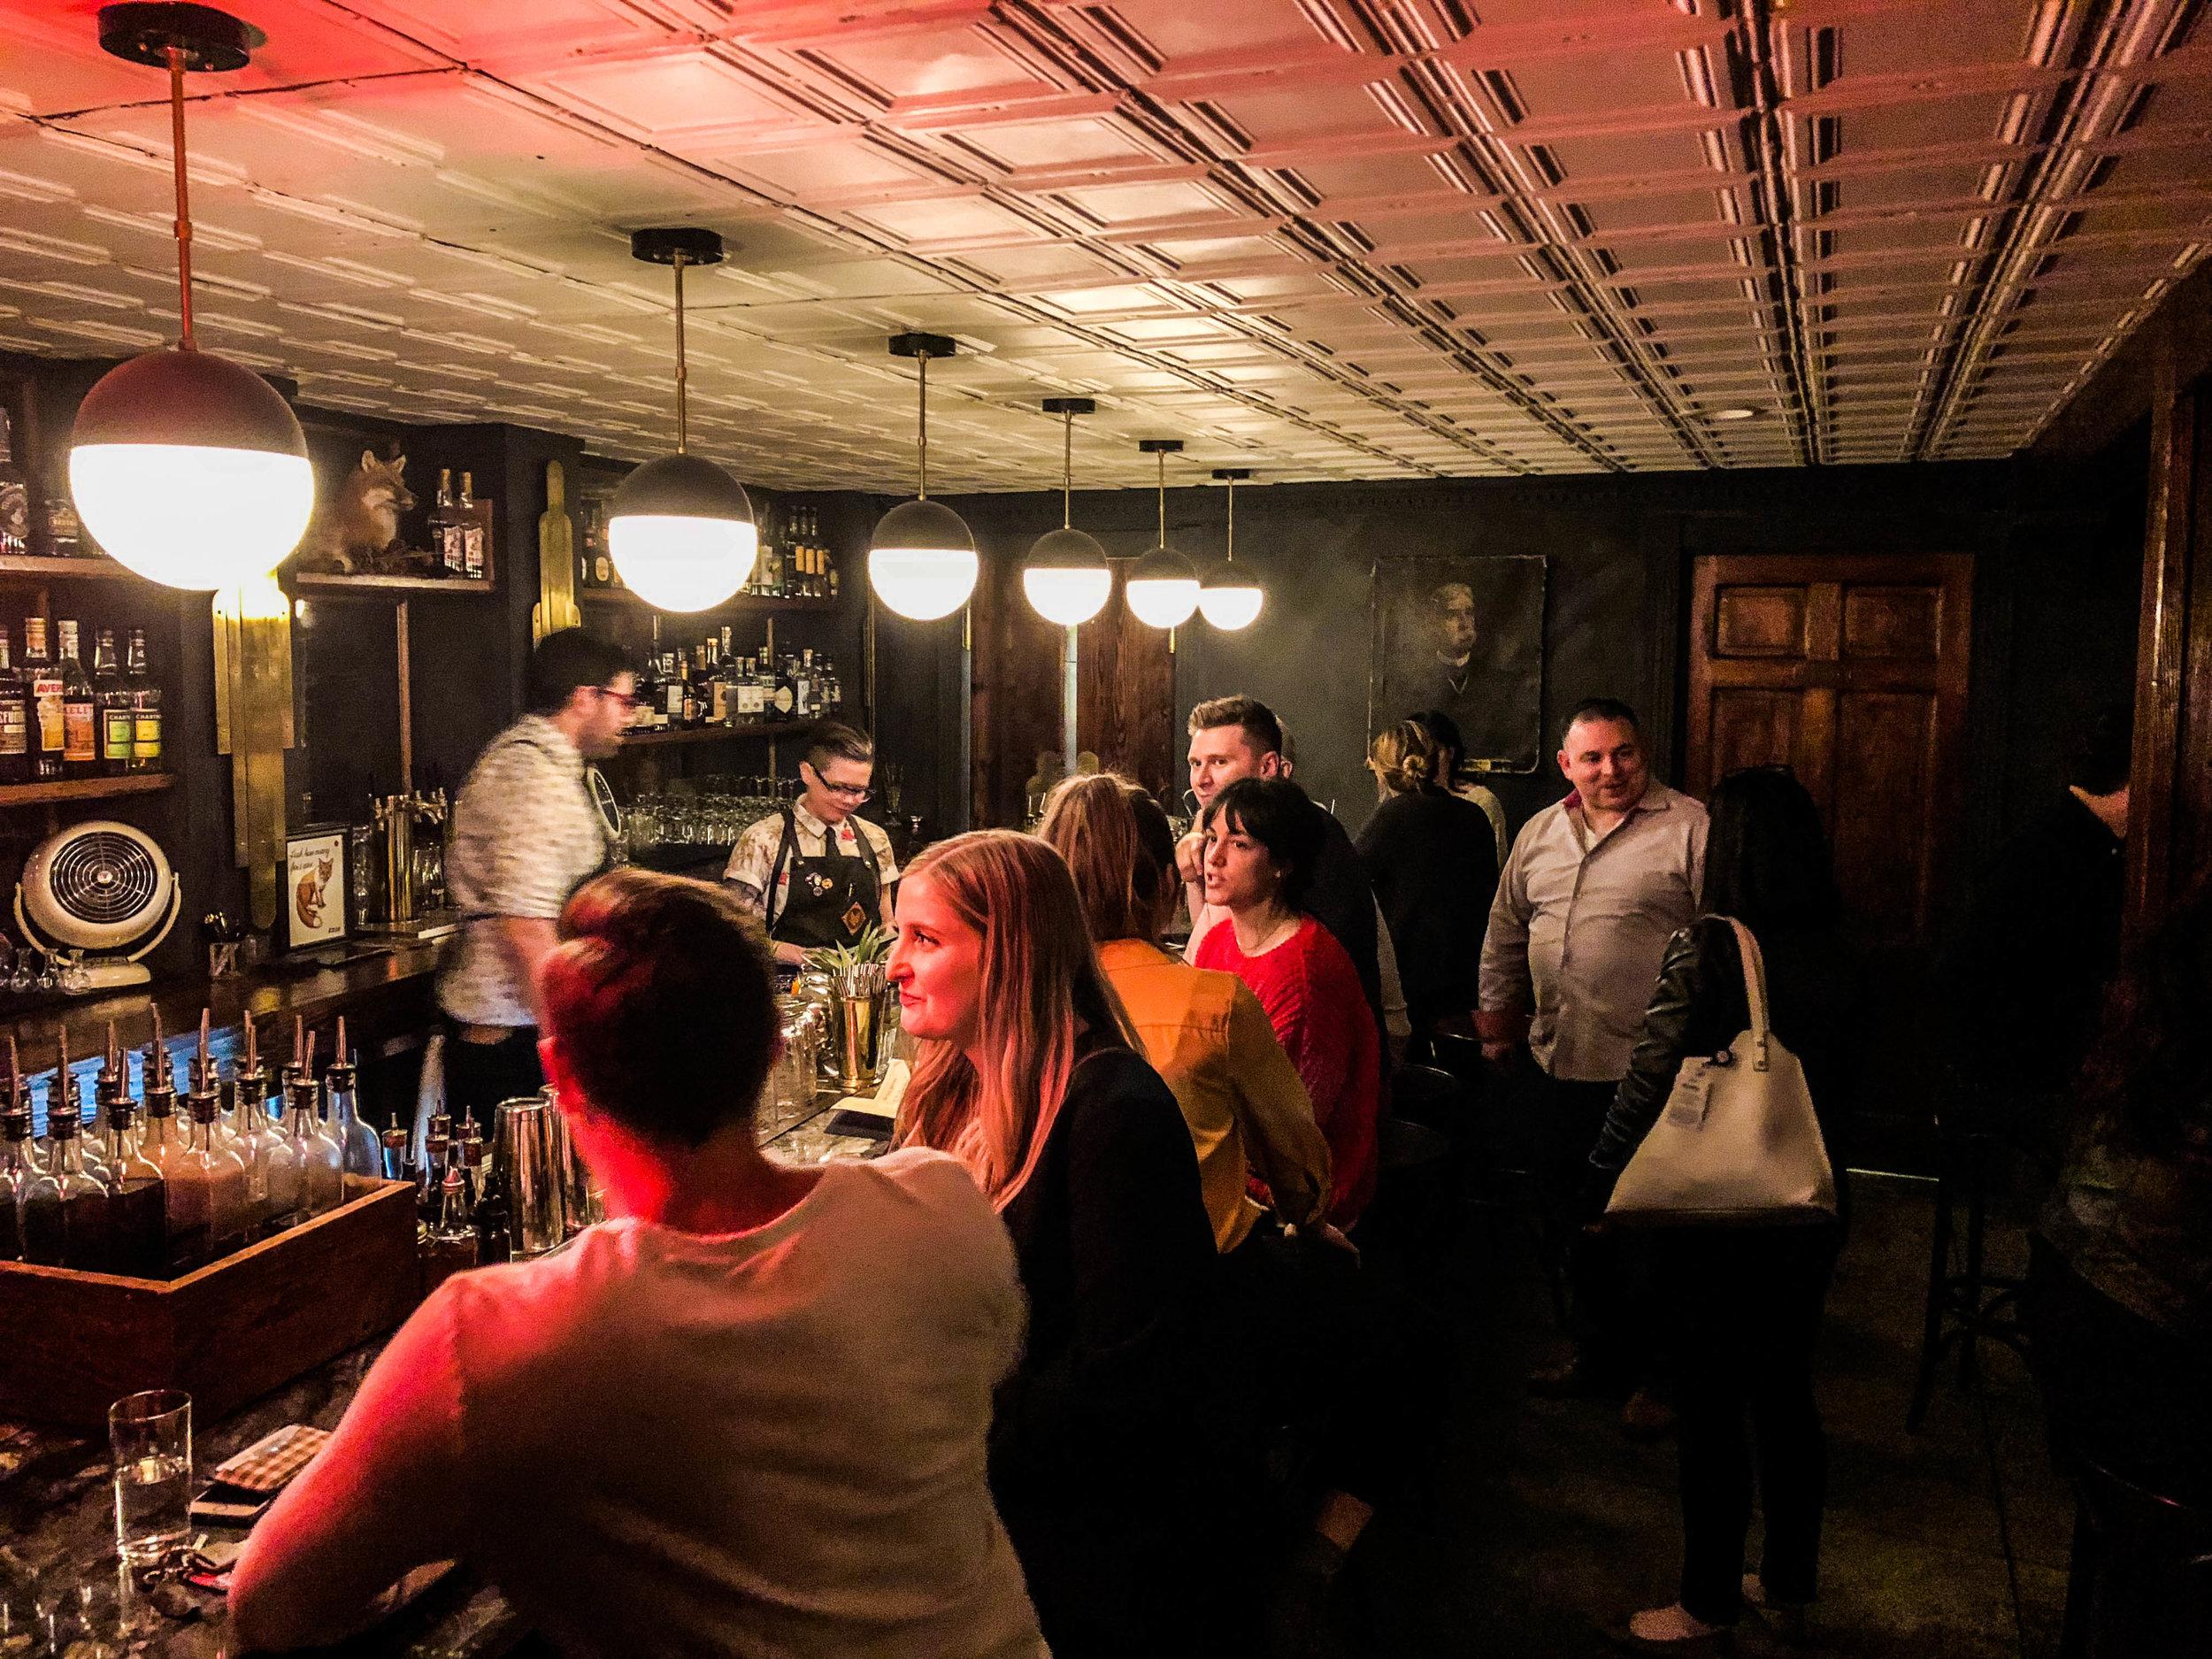 the-fox-nashville-bars-nightlife-4.jpg